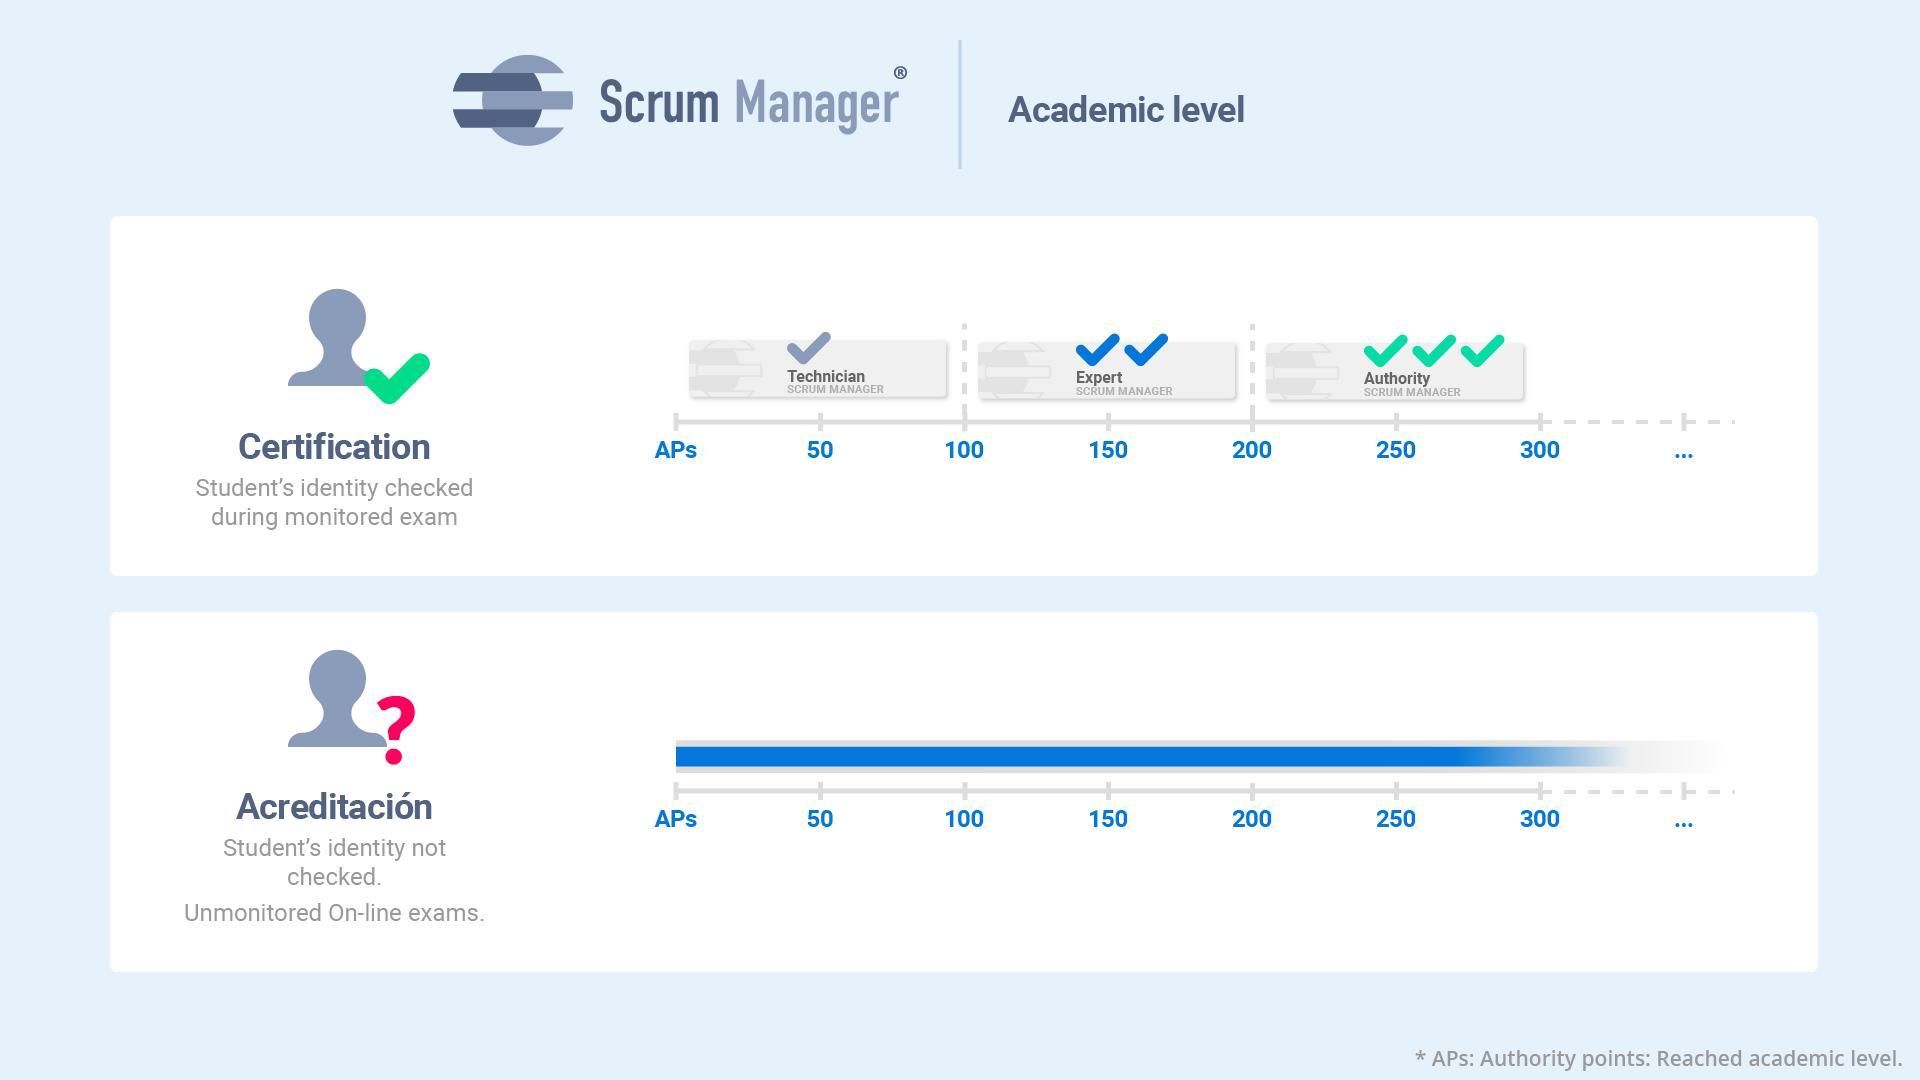 Representación gráfica de la escala de certificación Scrum Manager